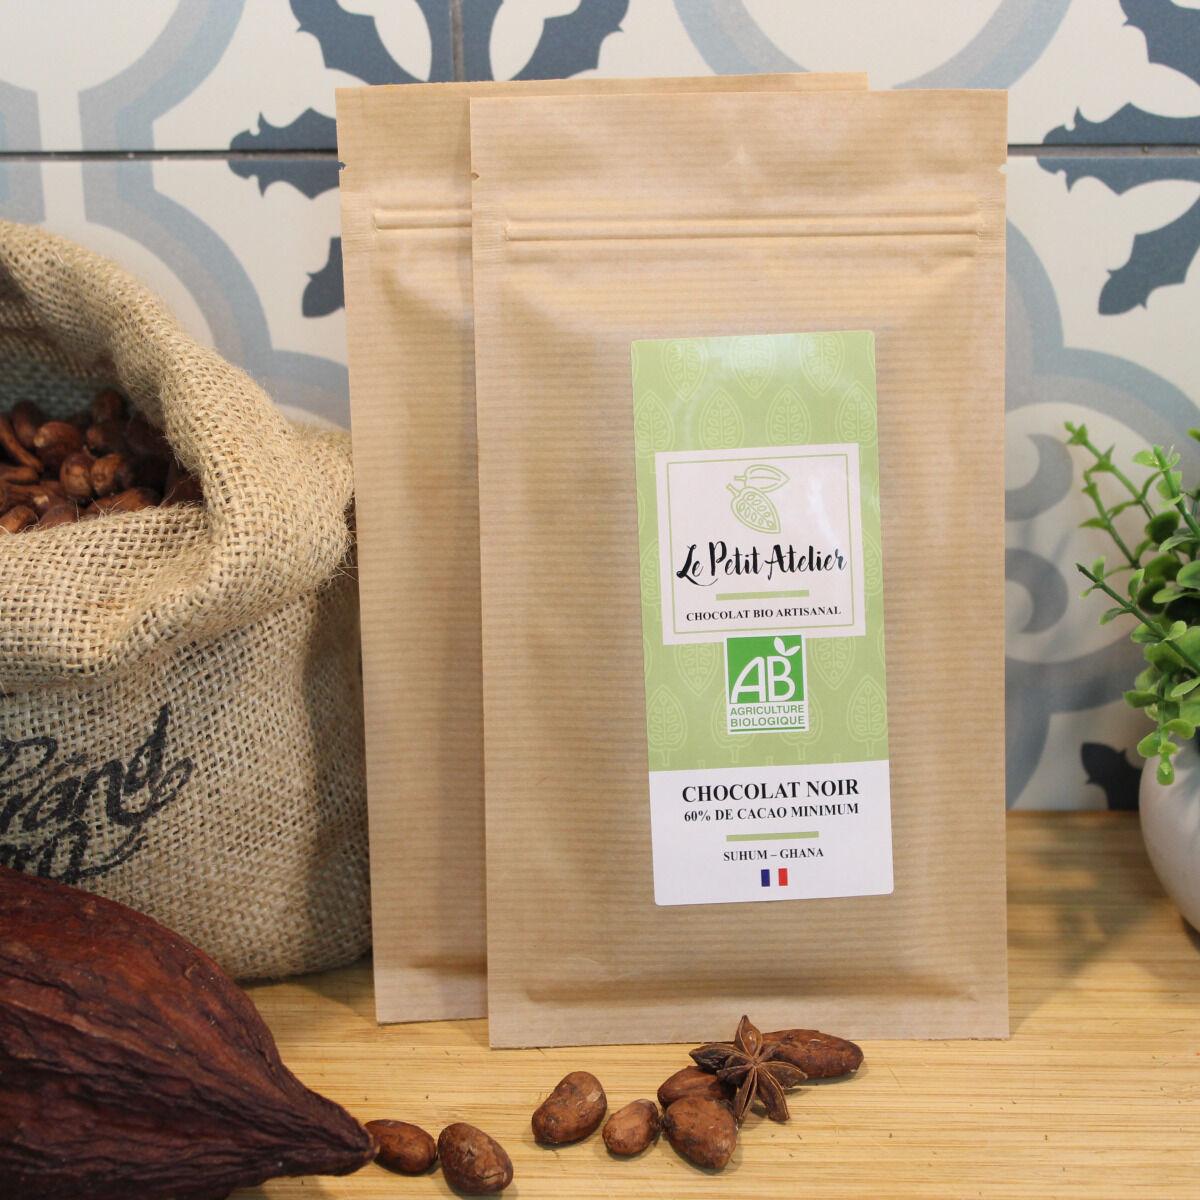 Le Petit Atelier Tablette Suhum Chocolat Noir 60% De Cacao Origine Ghana